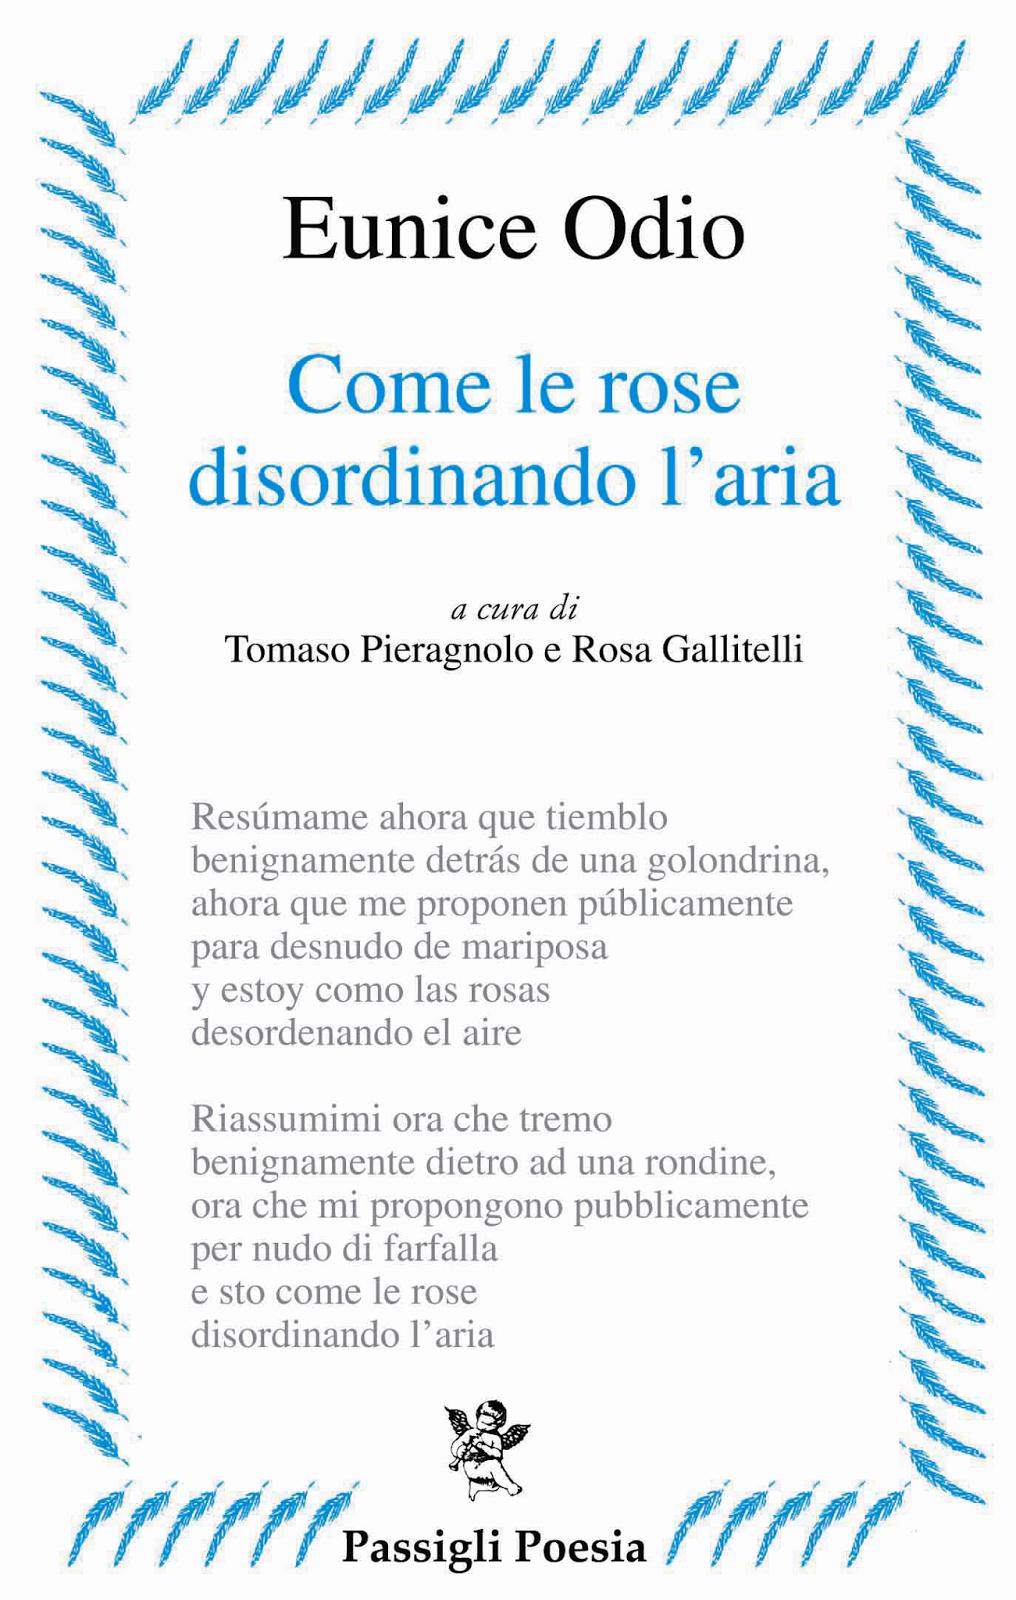 """Prossimamente in libreria: EUNICE ODIO – """"COME LE ROSE DISORDINANDO L'ARIA"""